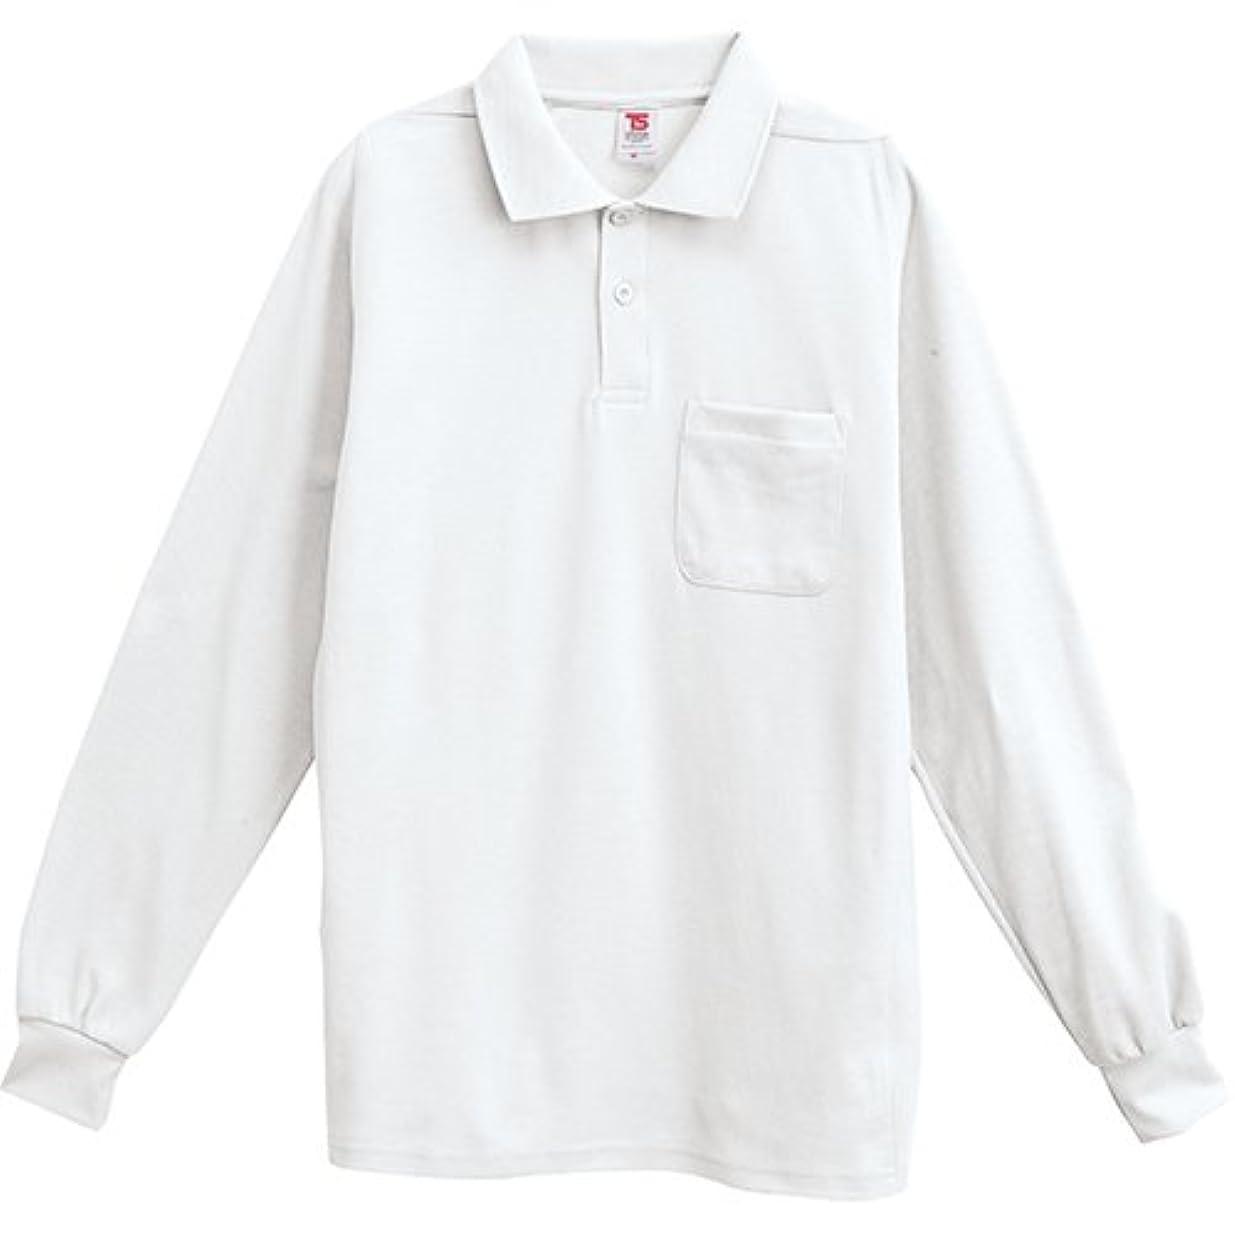 期待ストライド爆弾[ティーエスデザイン] 長袖ポロシャツ 1075 1 ホワイト SS?LL